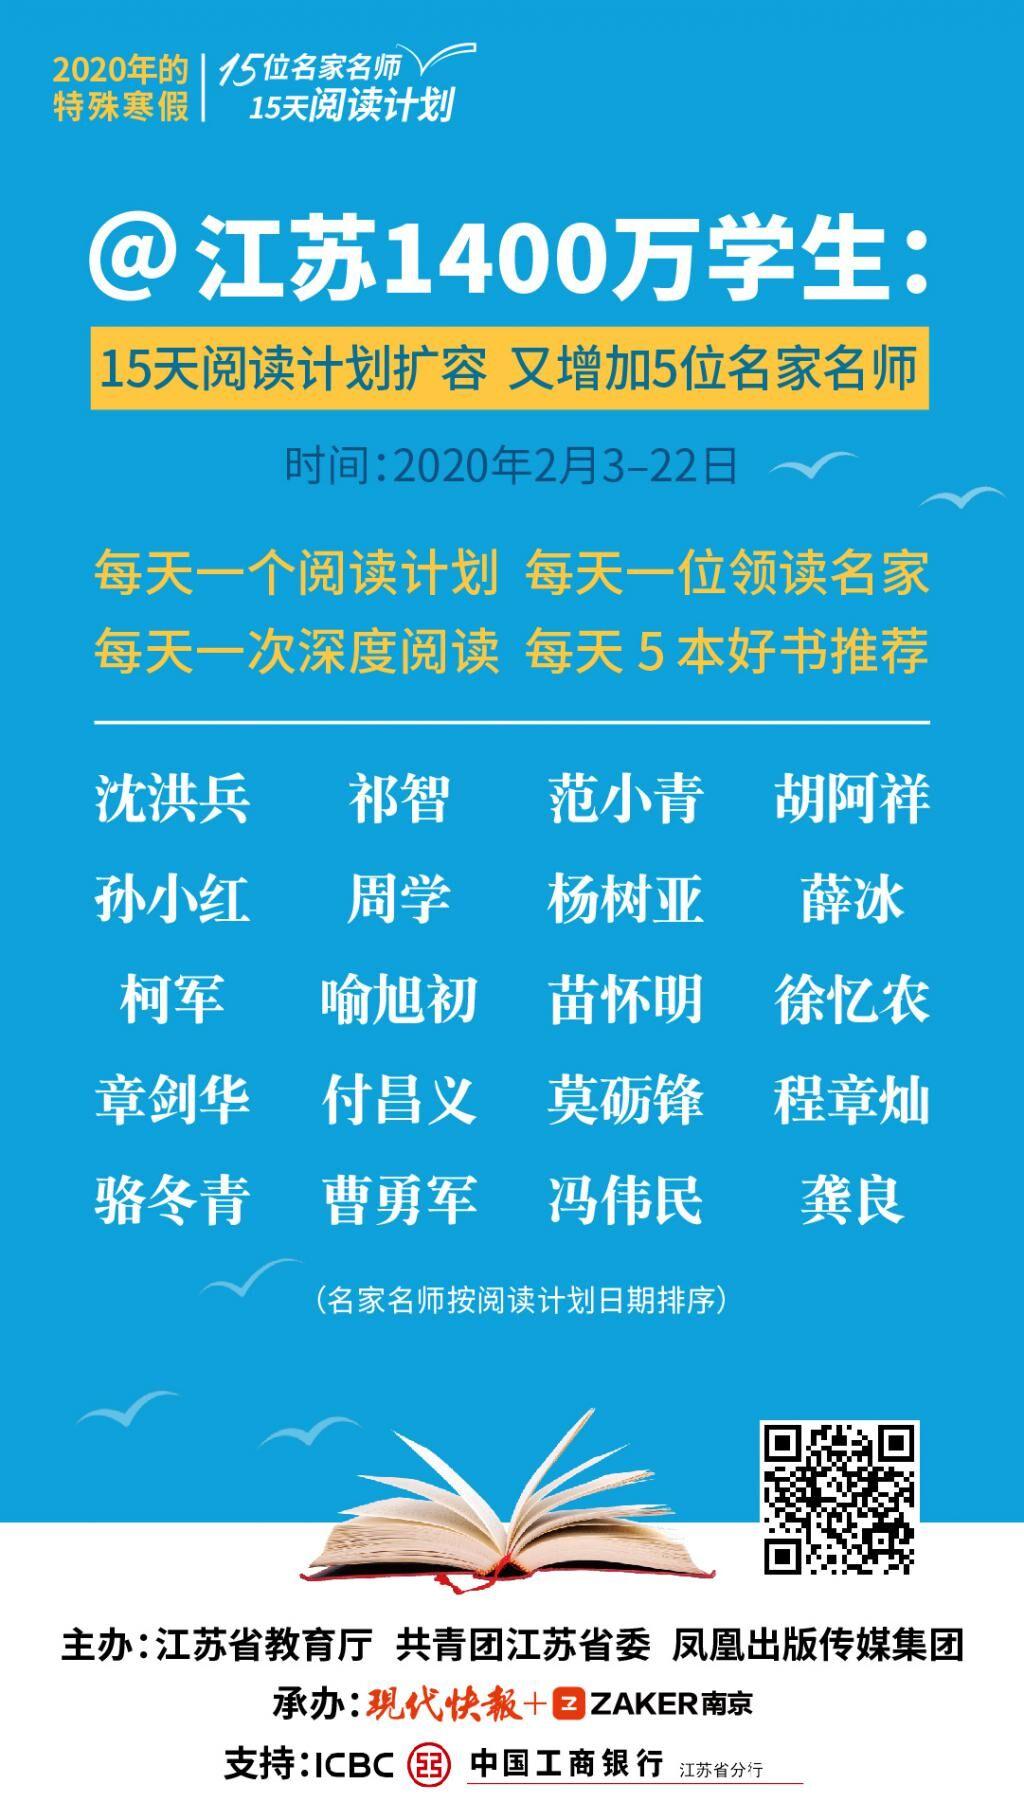 http://www.fanchuhou.com/yule/1809768.html